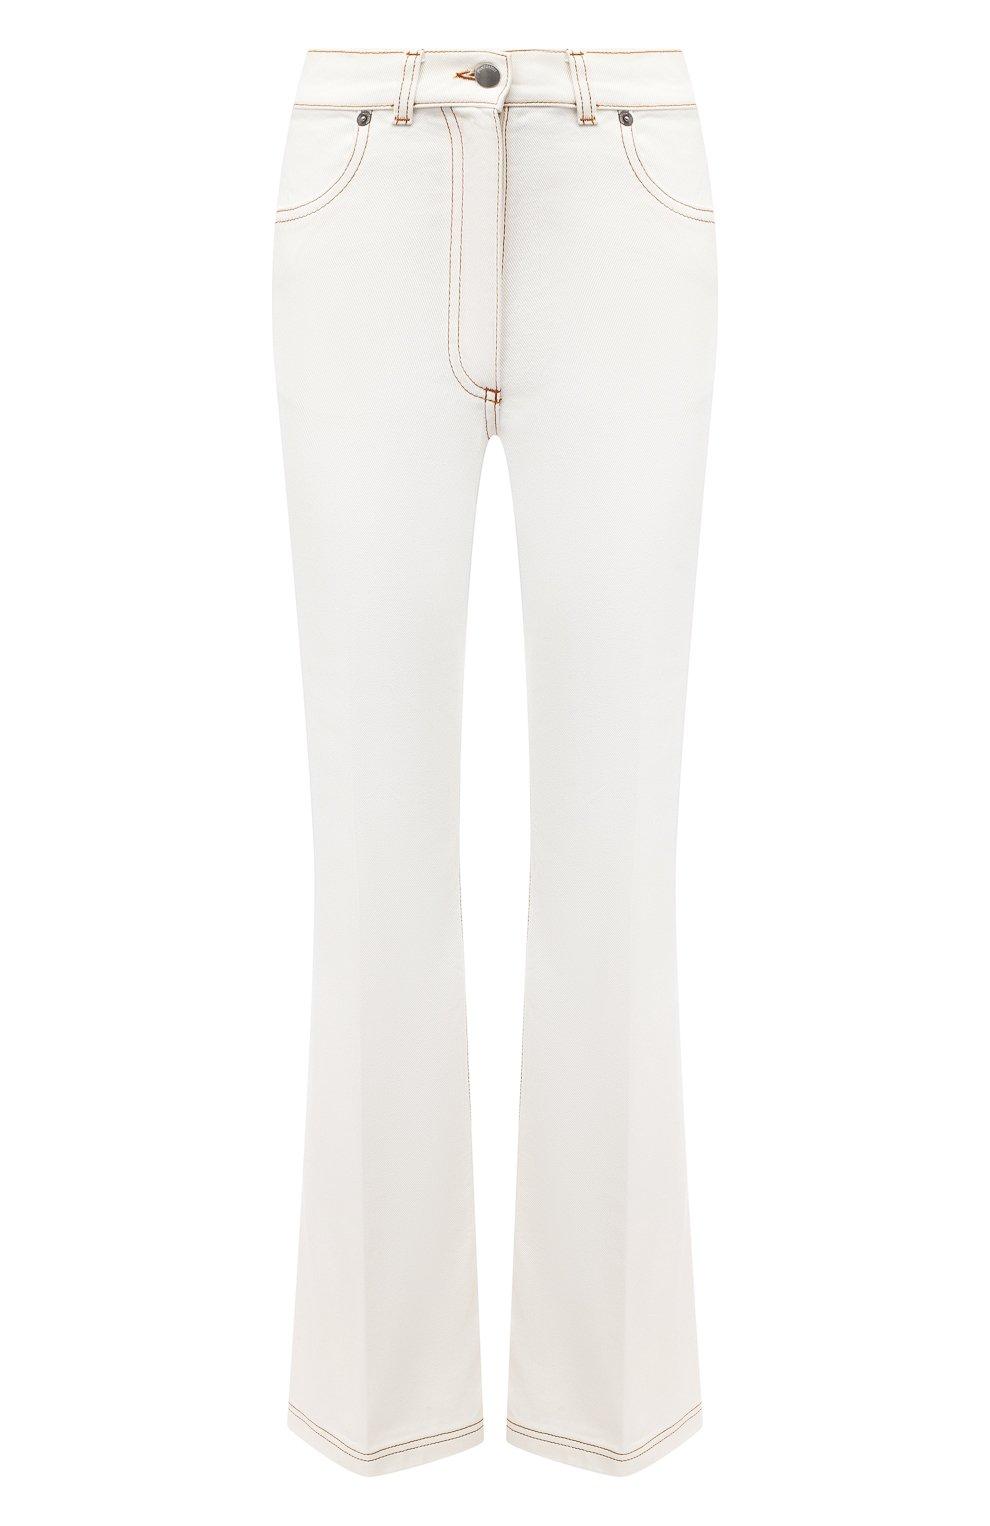 Женские джинсы JW ANDERSON белого цвета, арт. TR0105 PG0178   Фото 1 (Кросс-КТ: Деним; Длина (брюки, джинсы): Стандартные; Материал внешний: Хлопок; Стили: Классический)